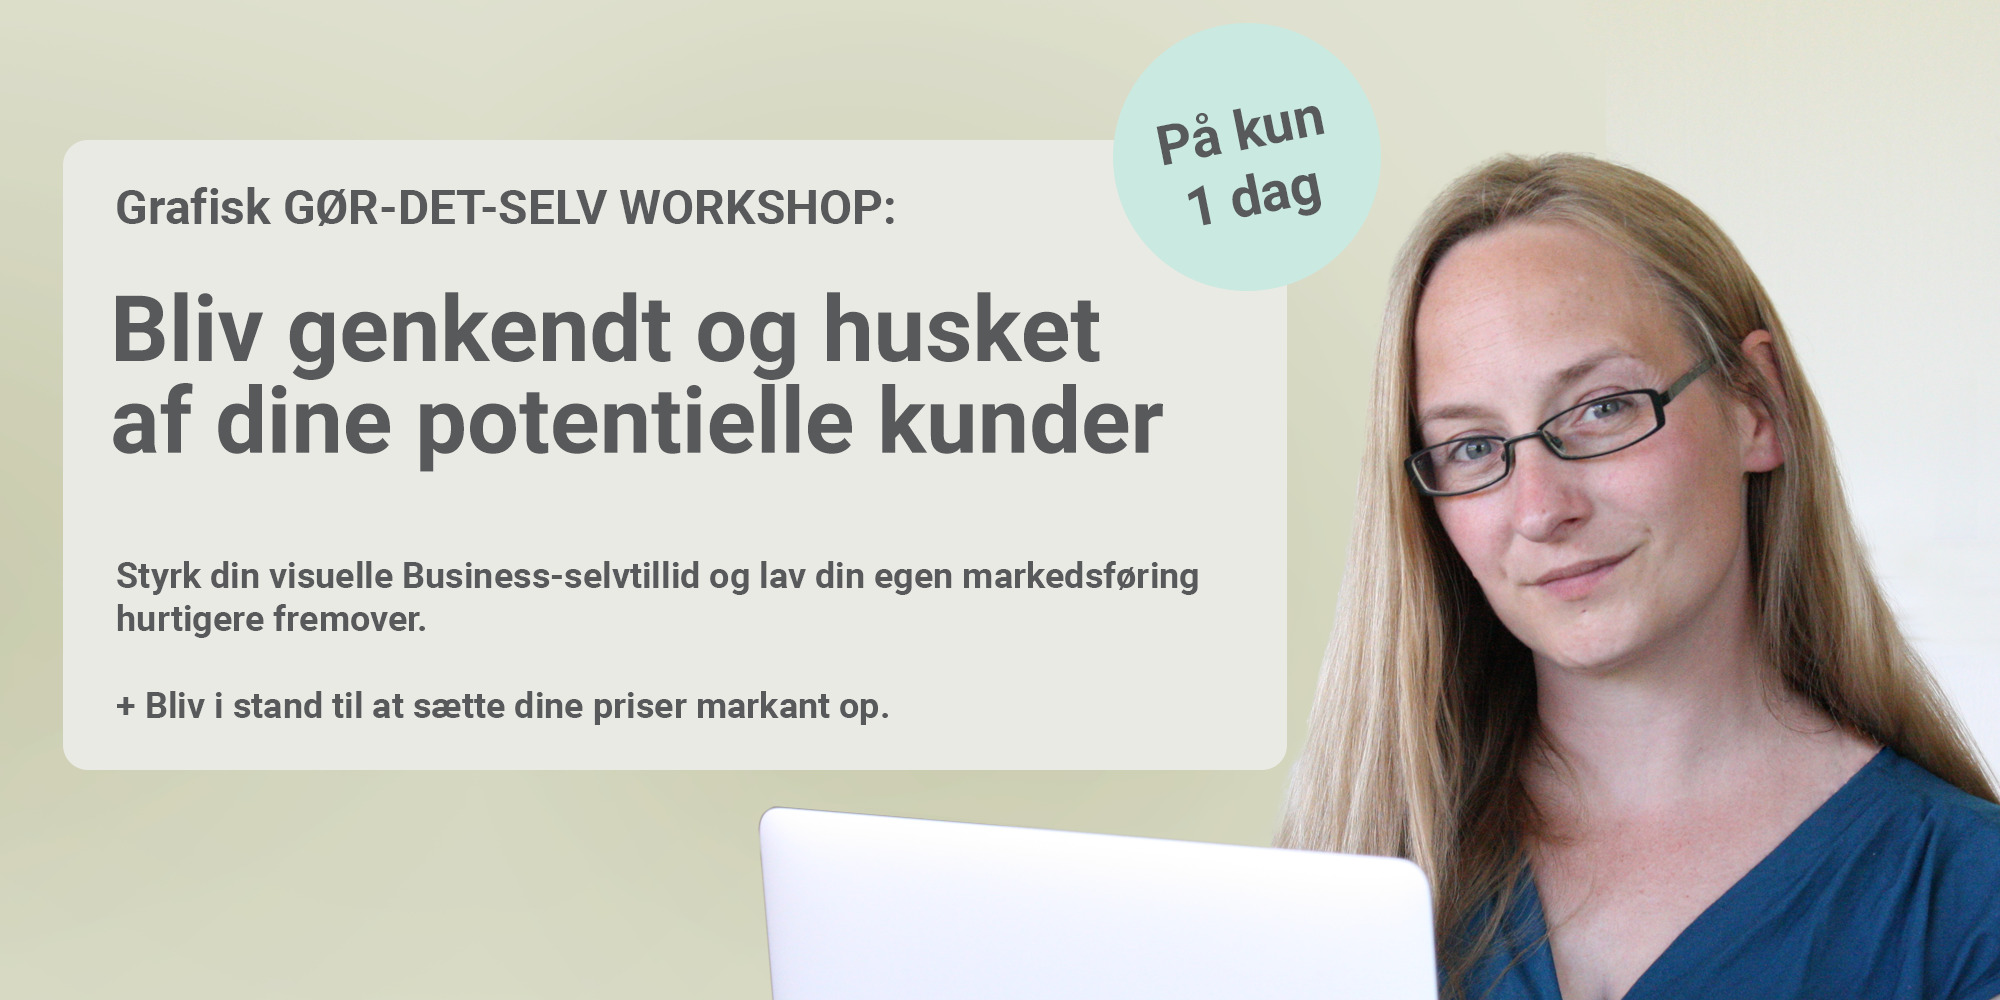 Sarah Møller Pedersen - Bliv genkendt og husket